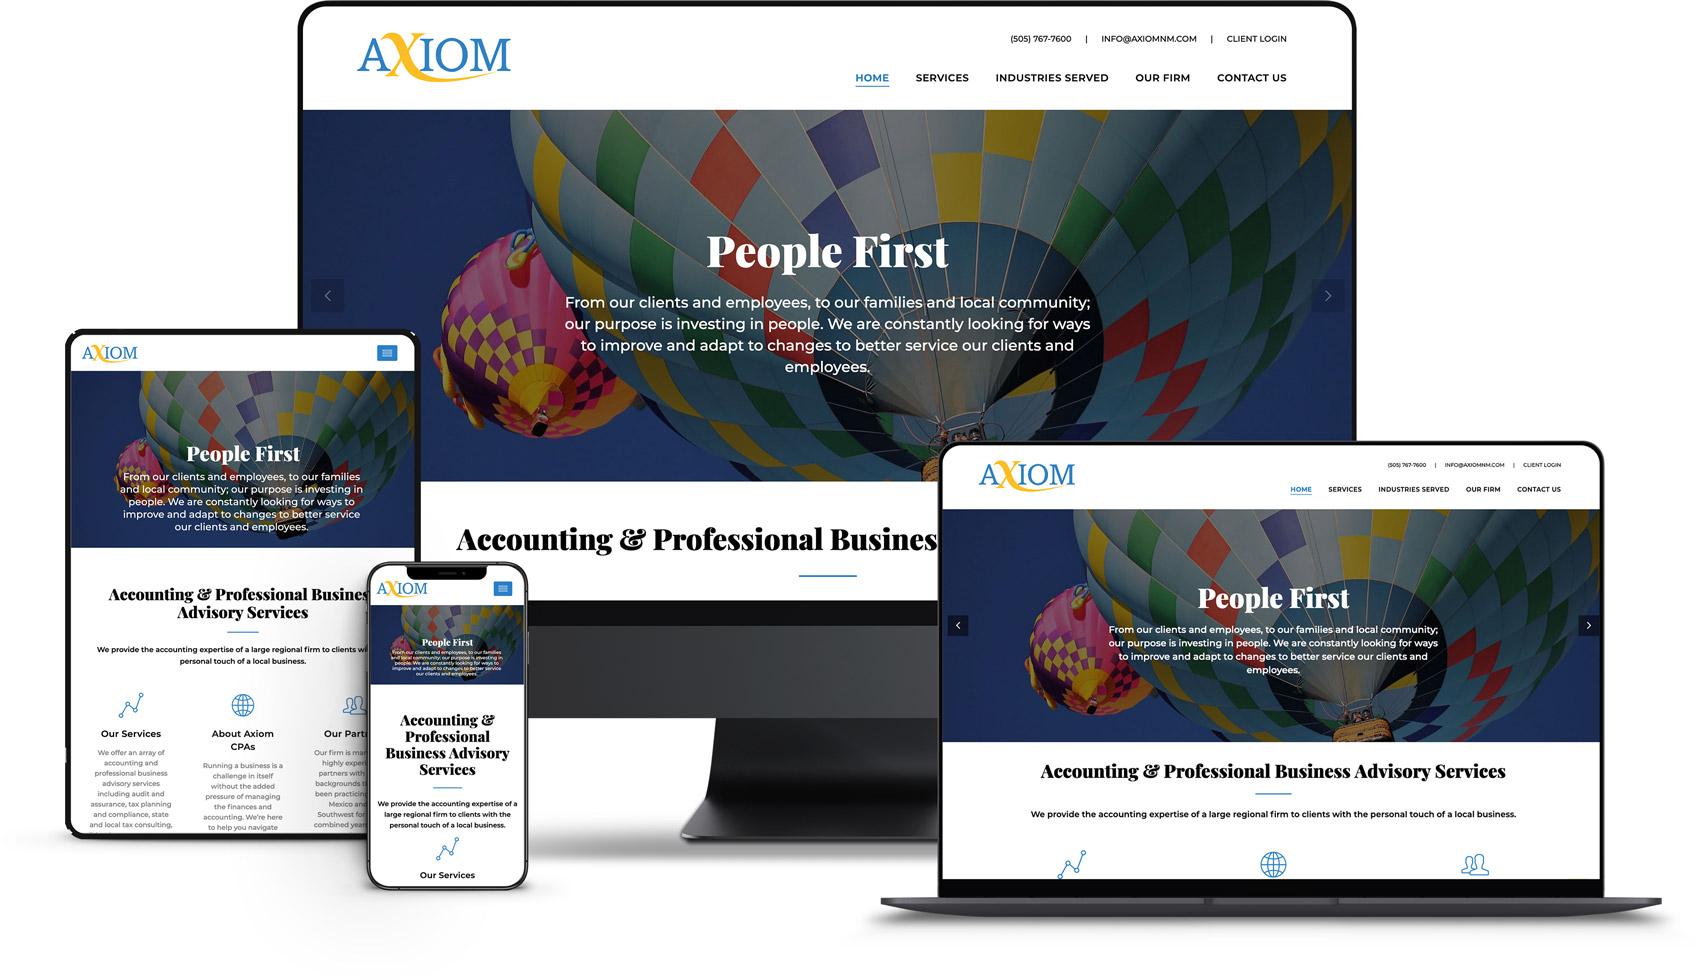 Website Design for Axiom